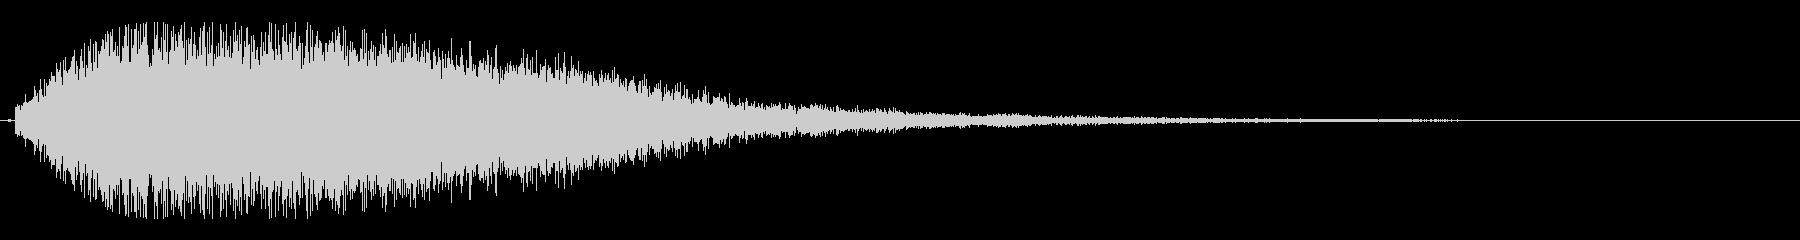 ビョロロローン(派手で厚みがある効果音)の未再生の波形